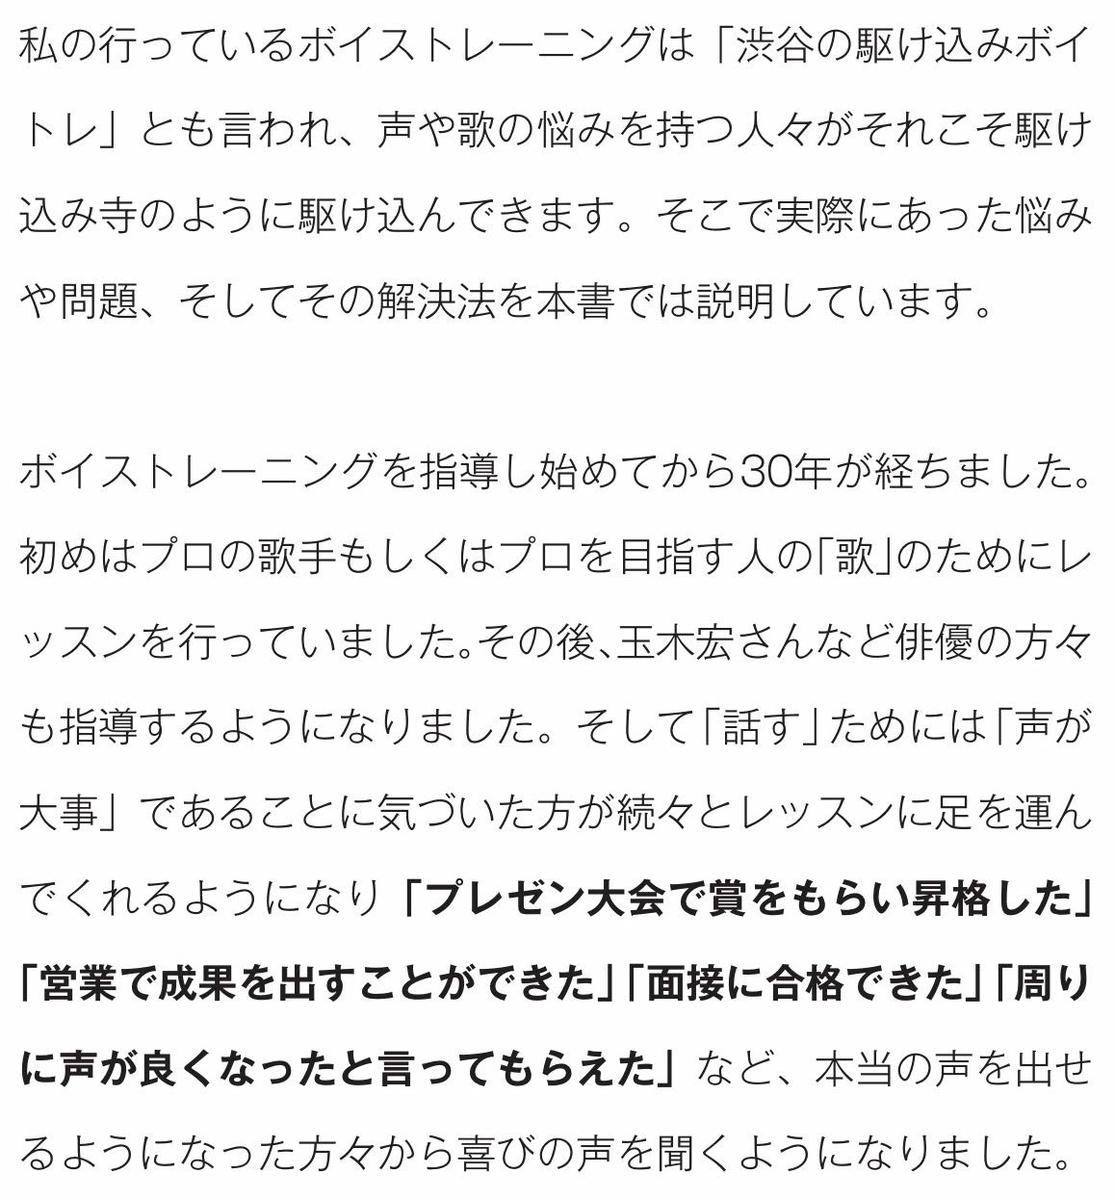 f:id:mojiru:20190807092154j:plain